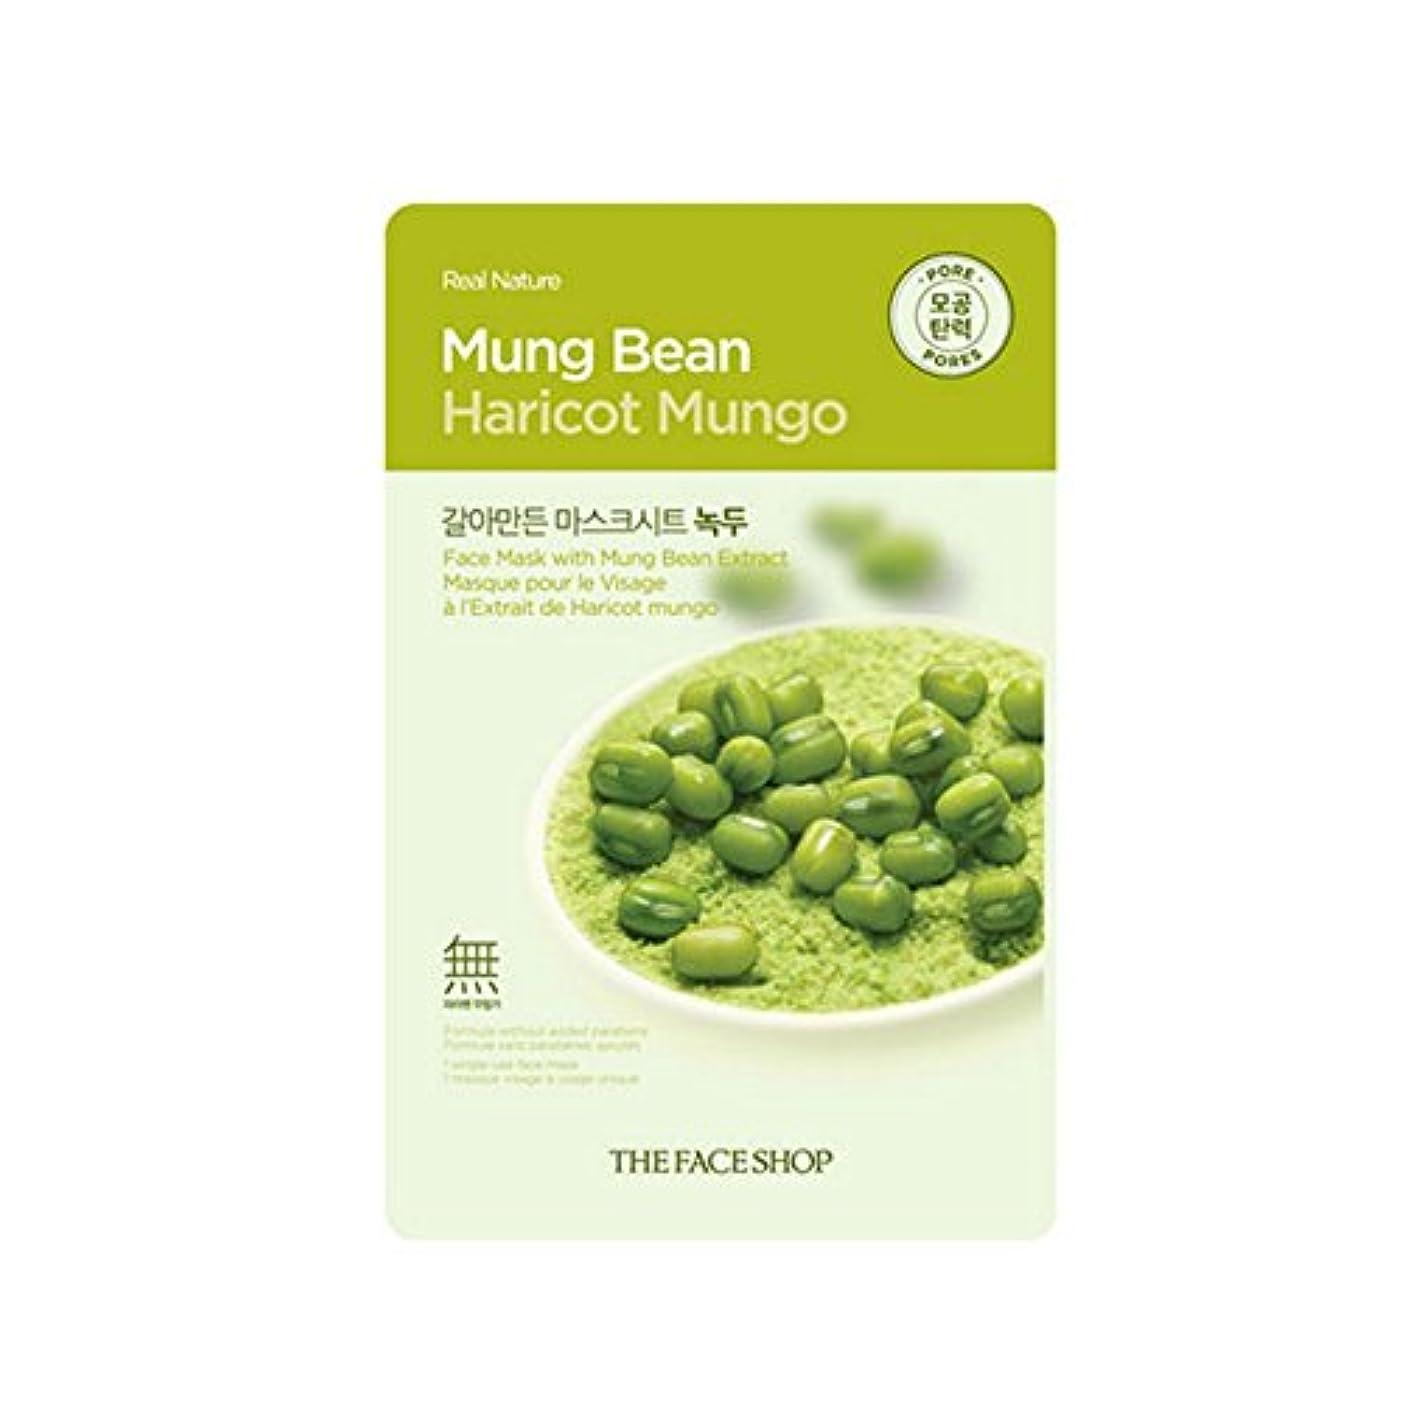 時計滑り台コピー[The Face Shop] ザフェイスショップ リアルネイチャーマスクシート Real Nature Mask Sheet (Mung Bean (緑豆) 10個) [並行輸入品]